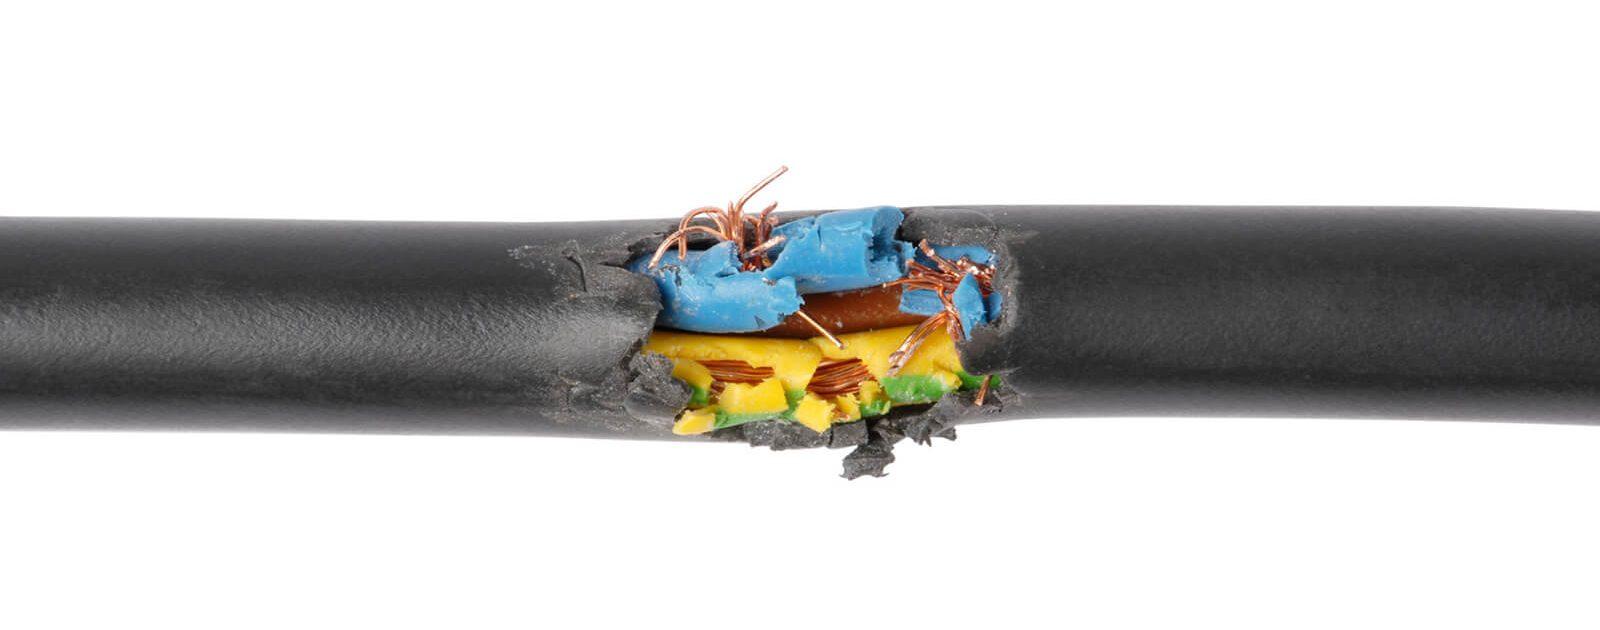 Beschädigtes Stromkabel als Symbolbild für beschädigte Nerven